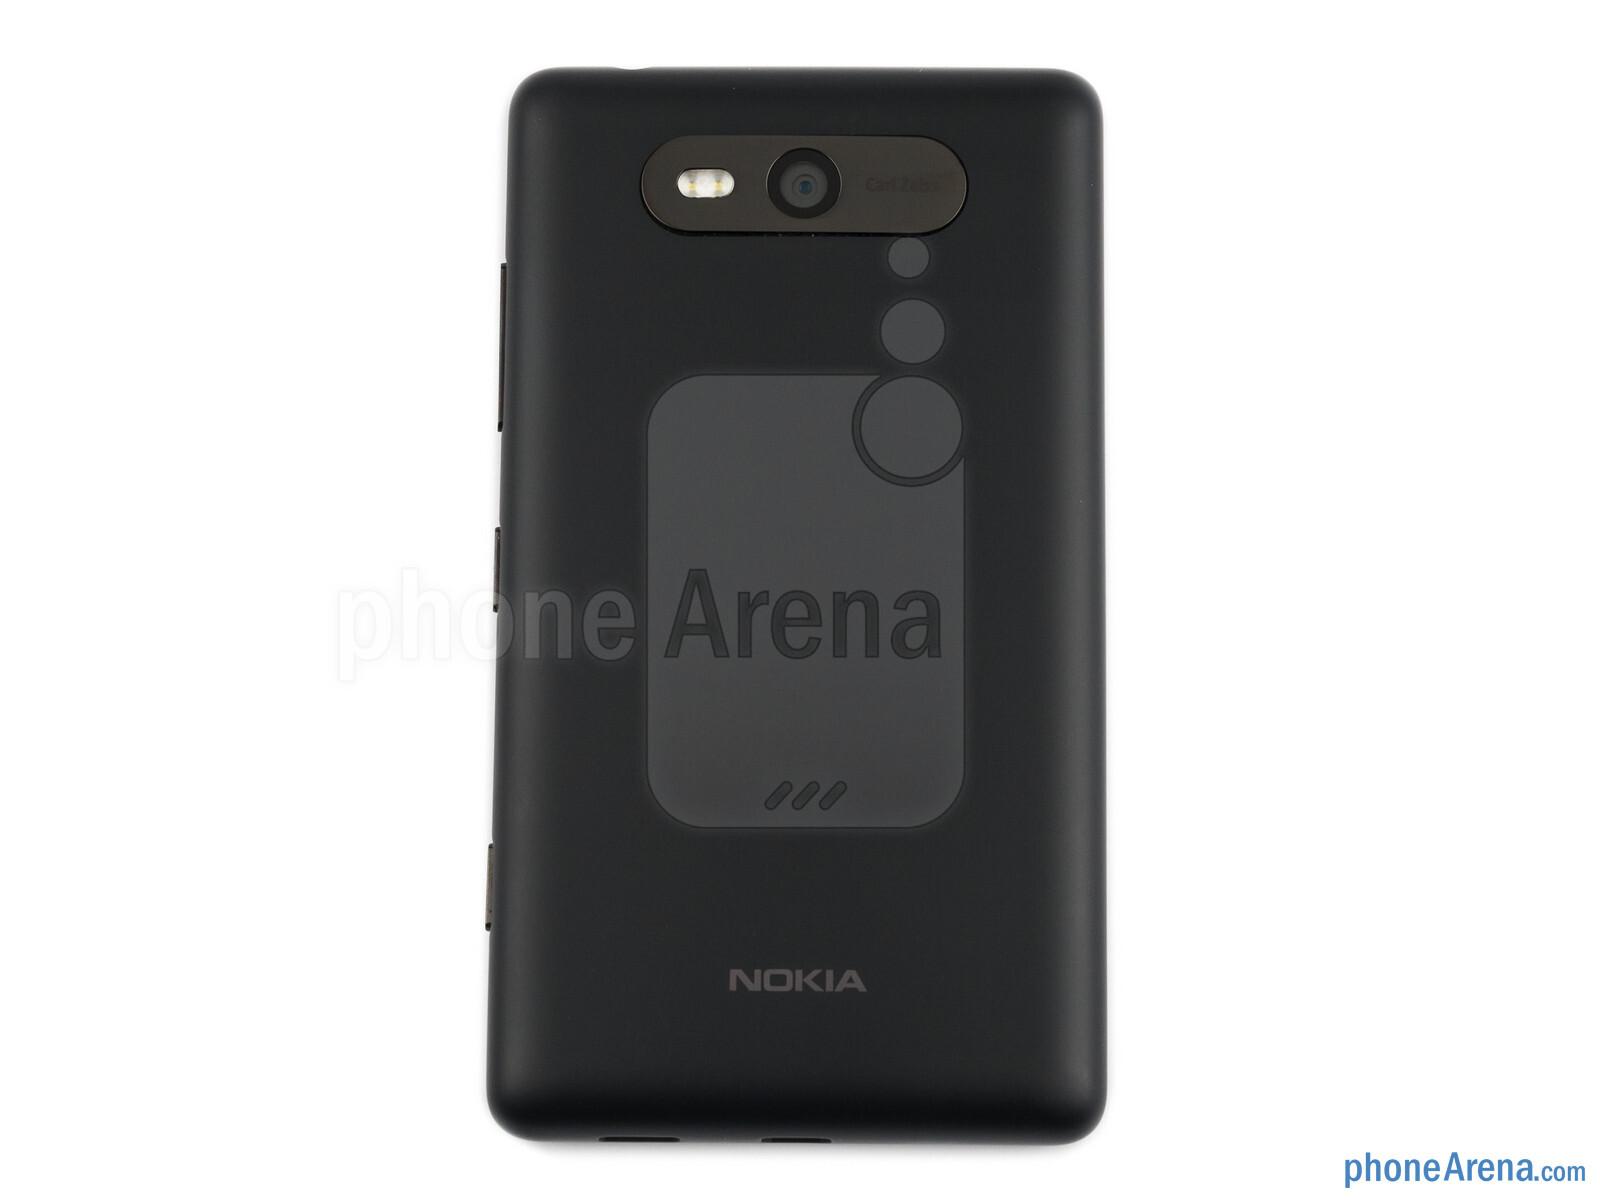 Nokia Lumia 820 Review